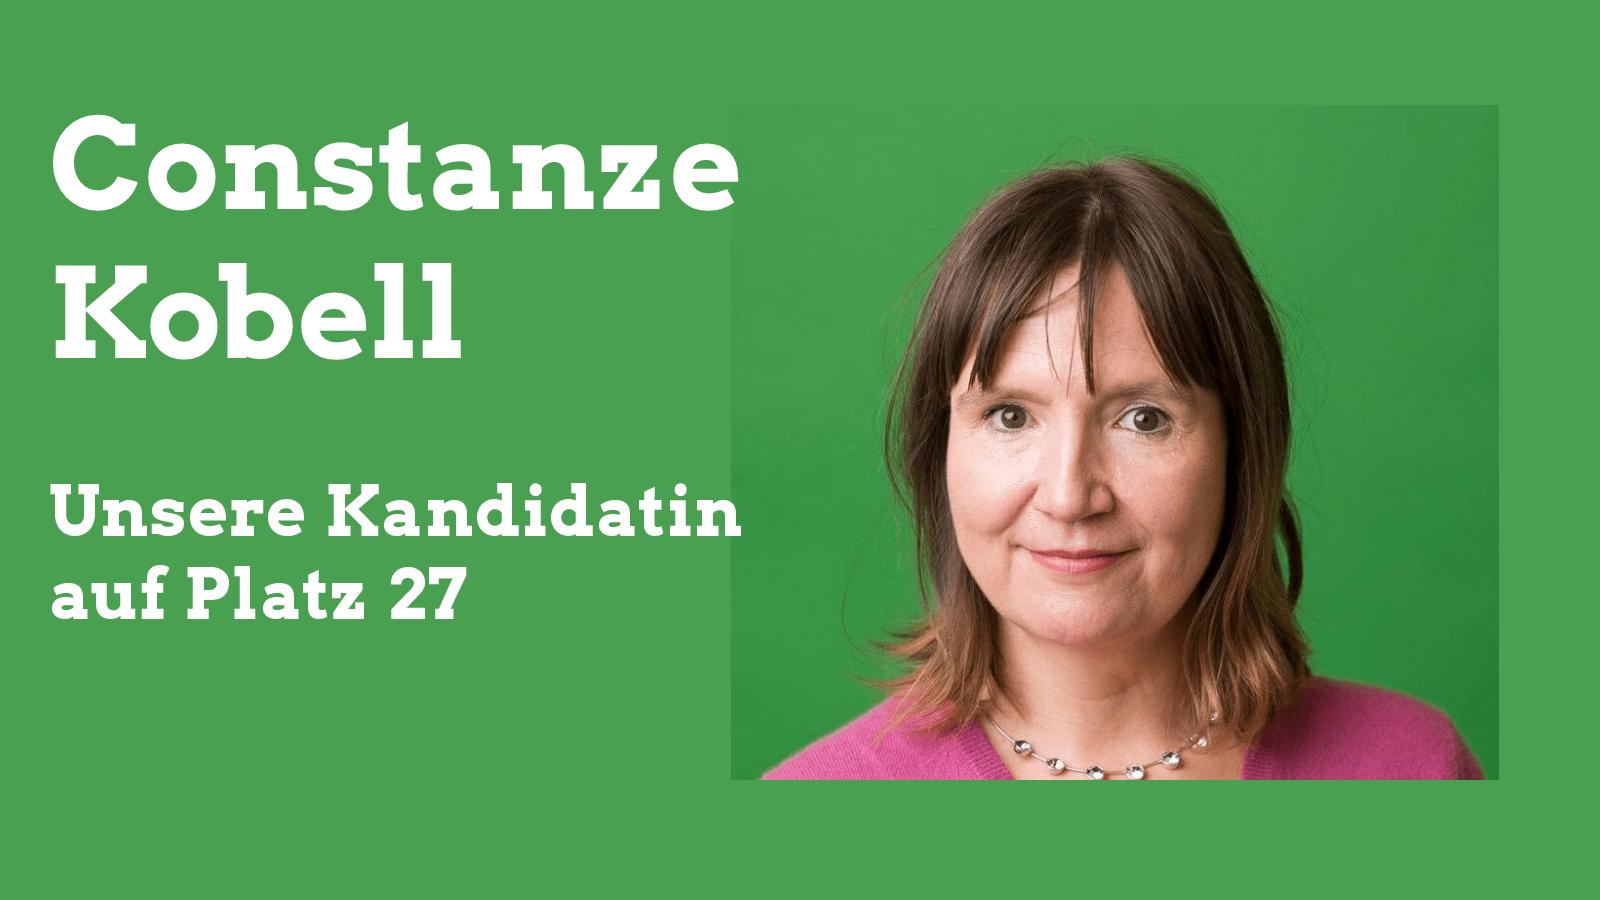 Constanze Kobell — Unsere Kandidatin für den Stadtrat